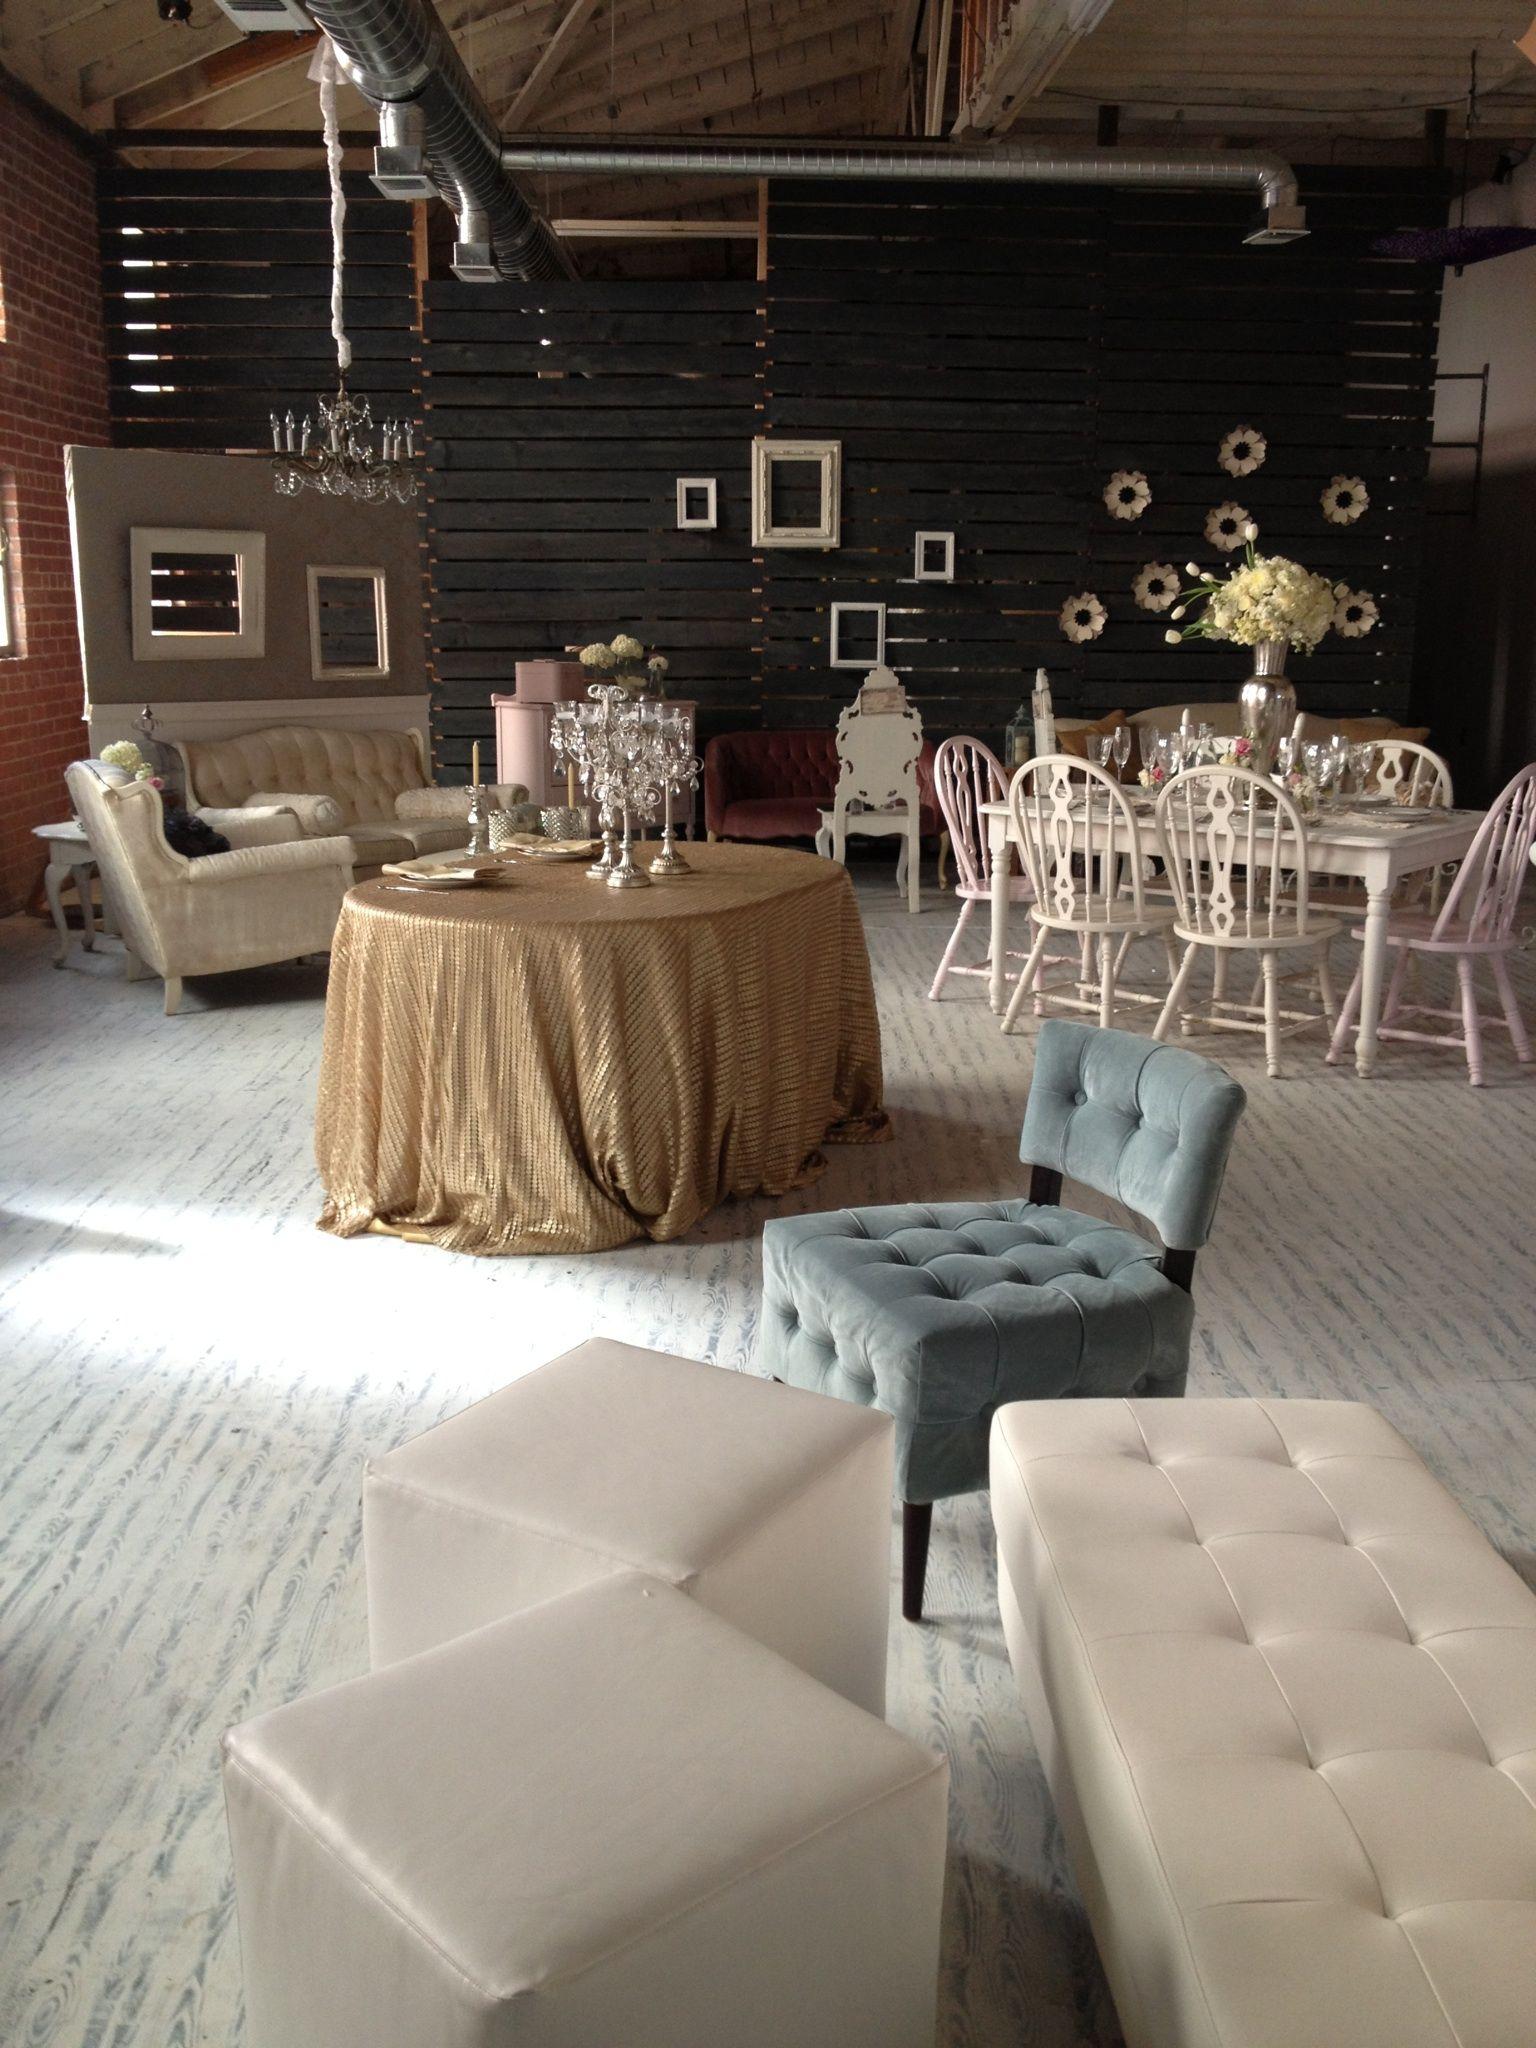 Vintage Rental Showroom Google Search Event Rentals Showroom Wedding Rentals Decor Showroom Interior Design